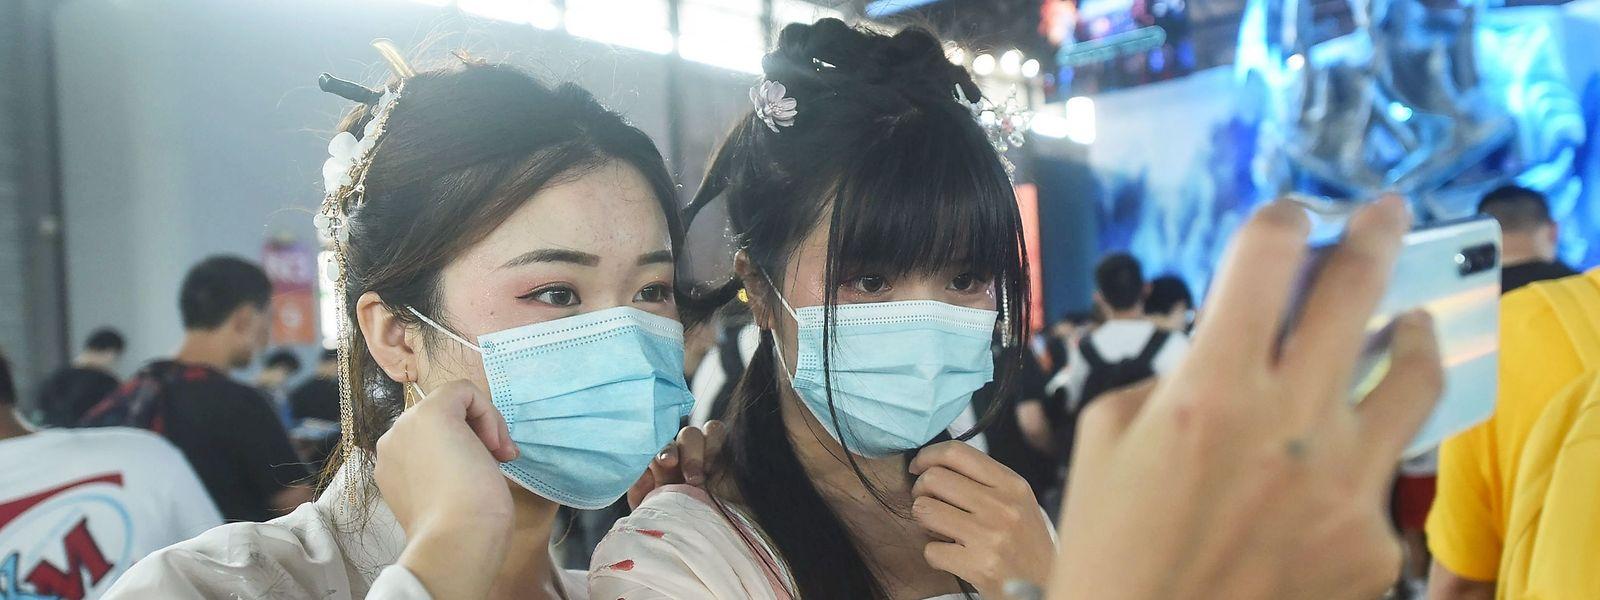 De mars à mai 2020, la Chine a écoulé à l'étranger dix fois  plus de masques qu'elle n'en avait produit au total en 2019. Mais le marché s'érode.